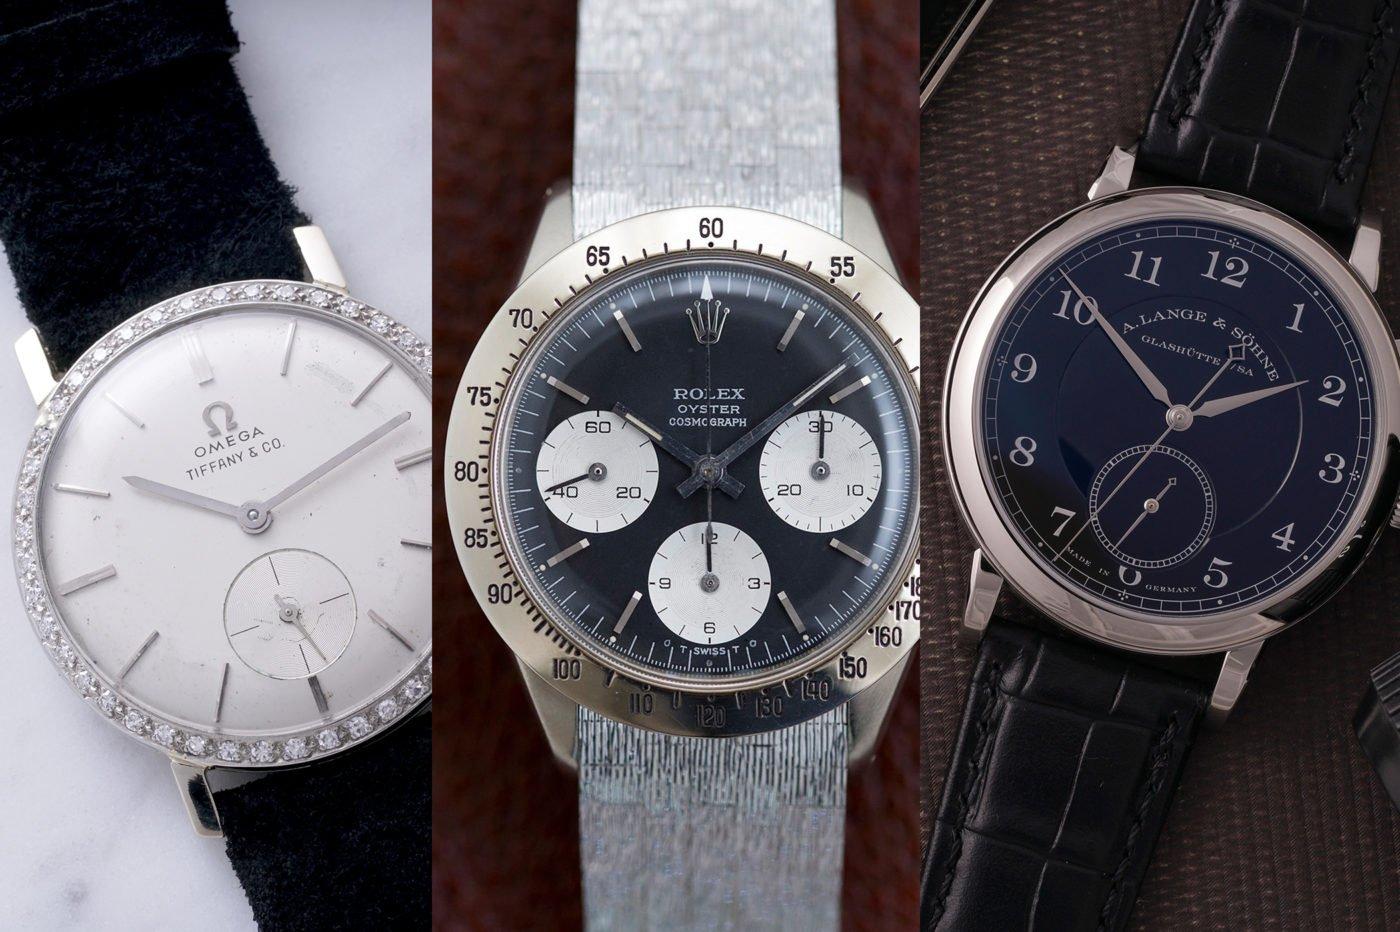 Aukcje Rekordowe wyniki zegarków Omega, Rolex i Lange na aukcji domu Phillips